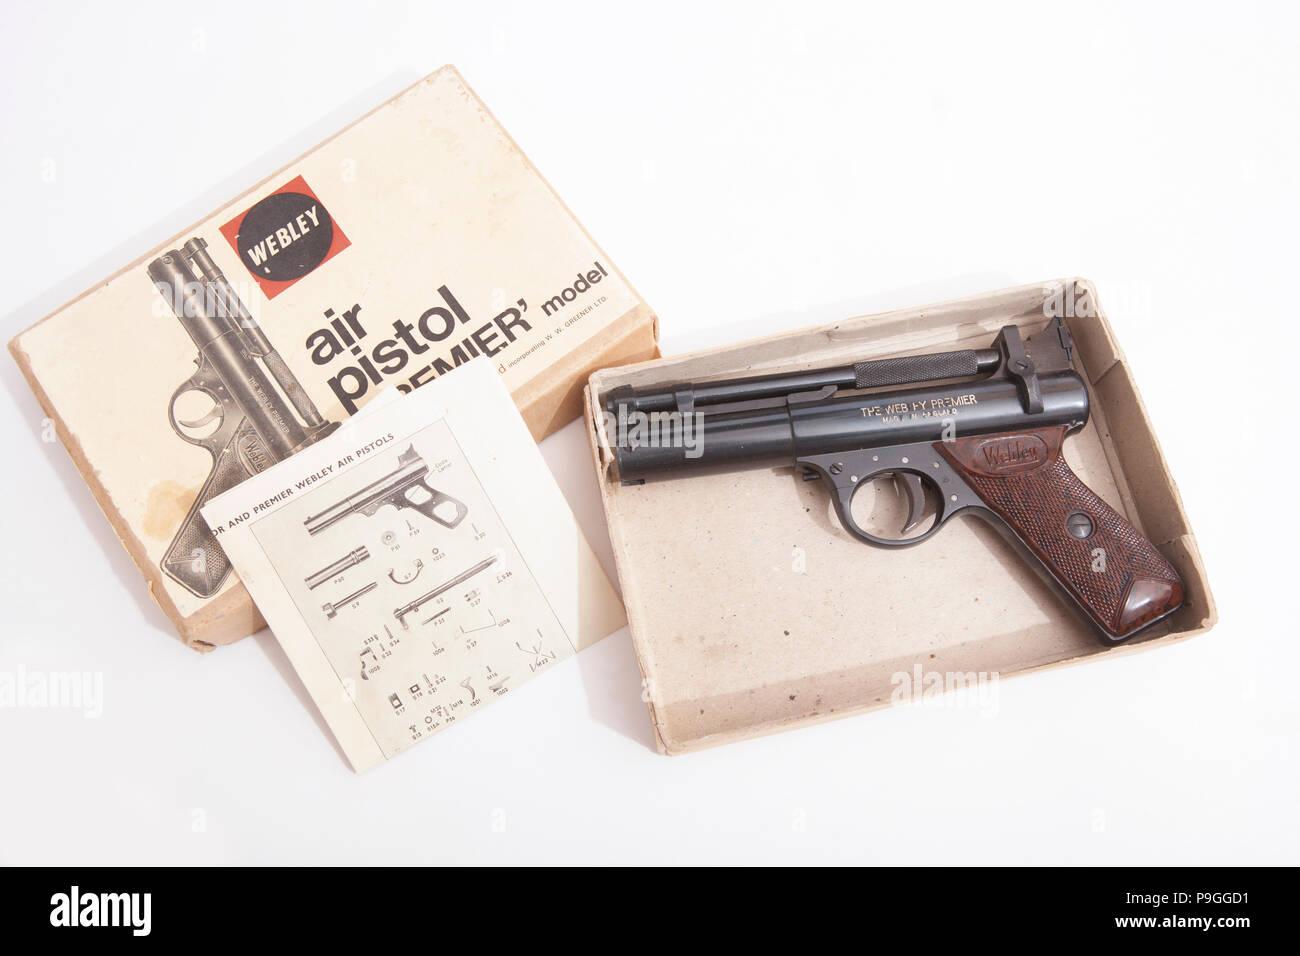 Air Pistol Stock Photos & Air Pistol Stock Images - Alamy